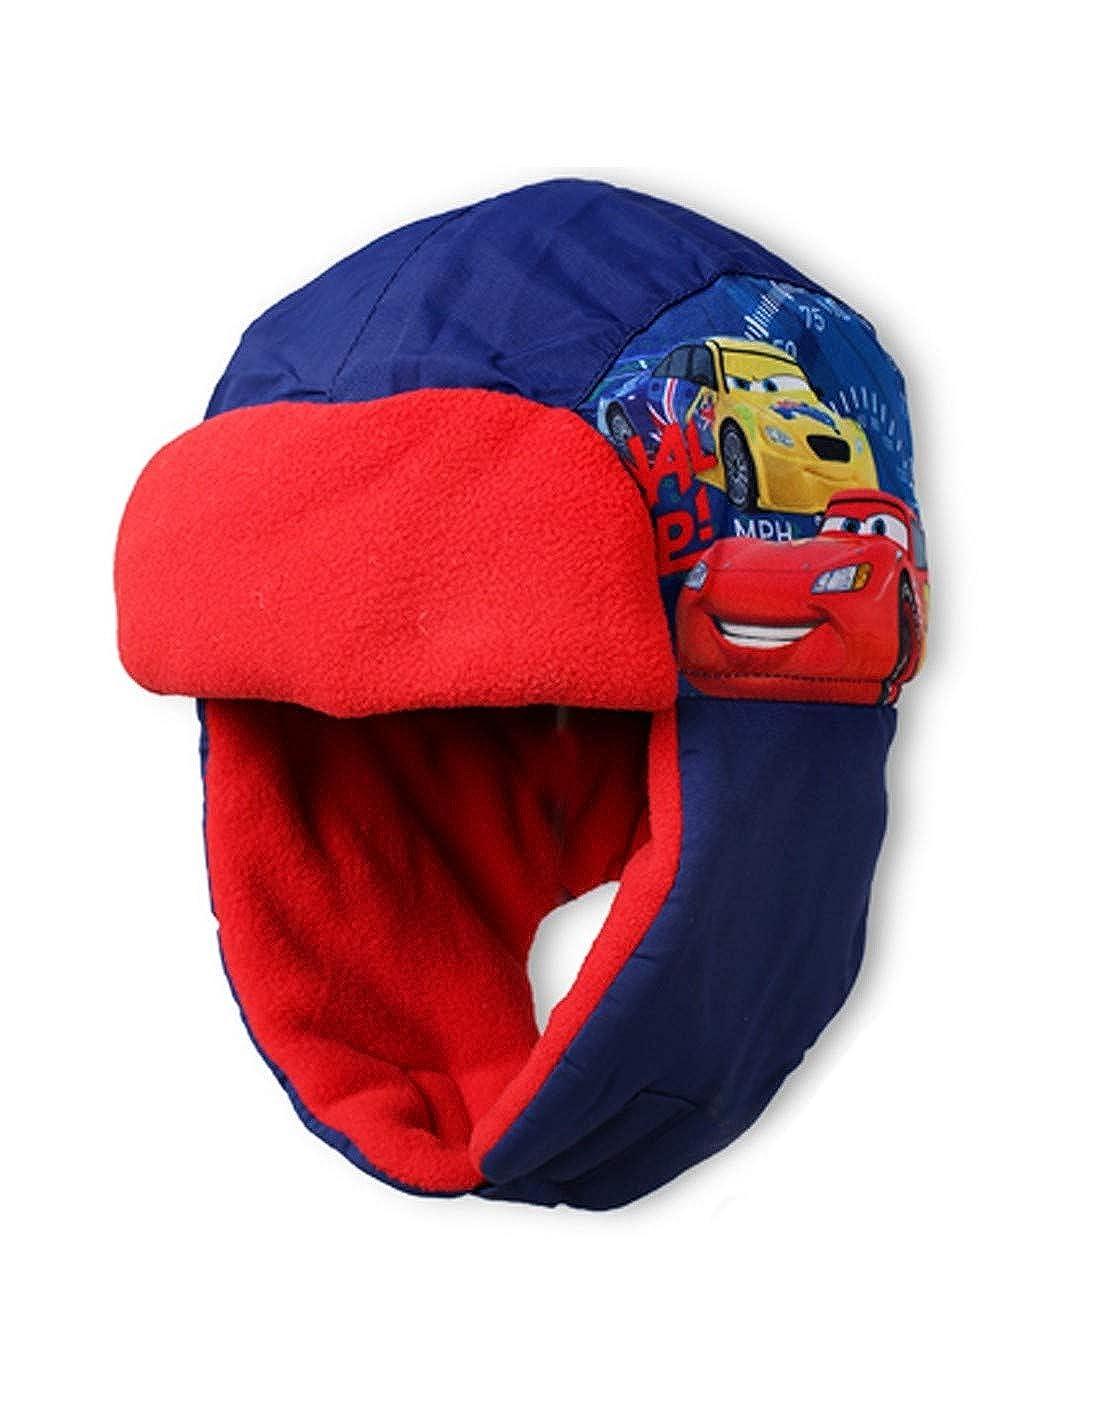 341843f86f1e Cars Bonnet - Chapka enfant garçon Disney Bleu et Marine de 3 à 9ans -  Marine rouge, 54 cm (6-8 ans)  Amazon.fr  Vêtements et accessoires